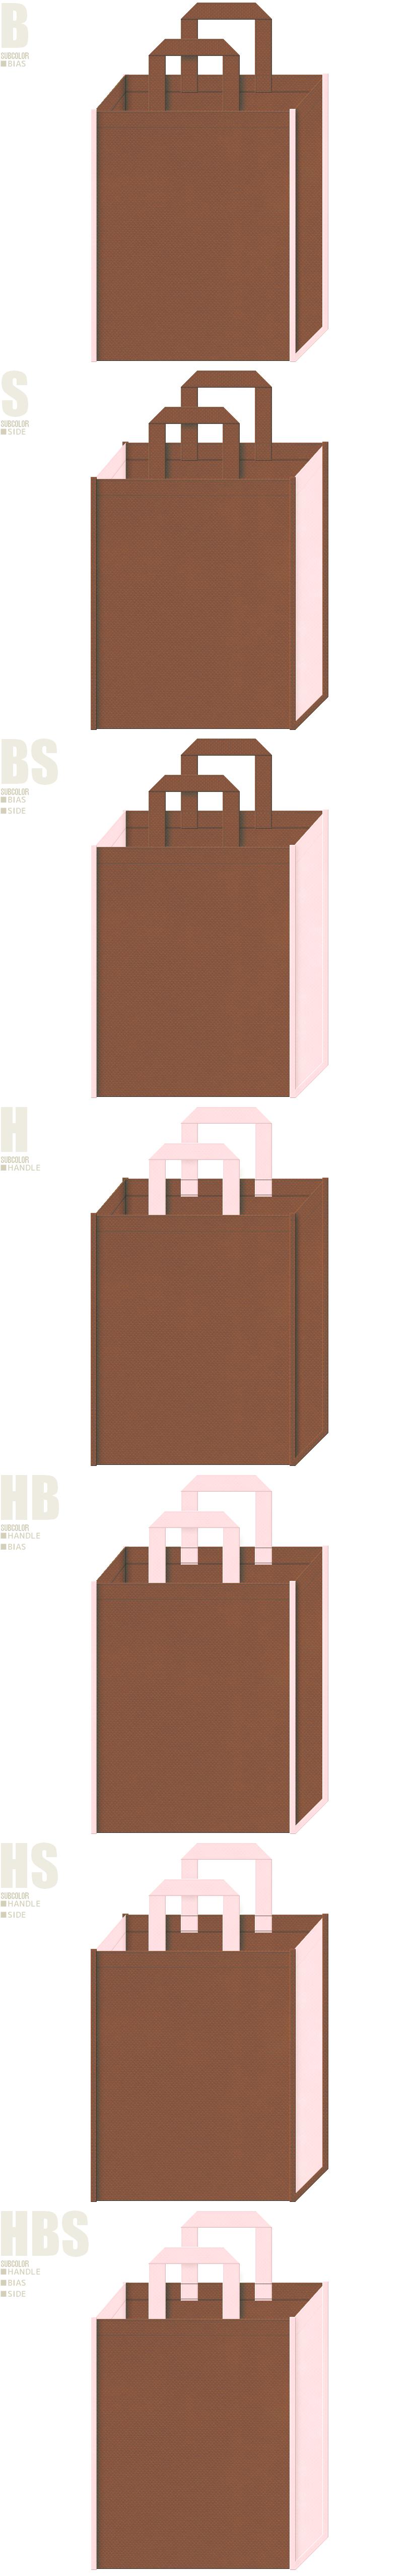 ガーリーな不織布バッグにお奨めです。茶色と桜色、7パターンの不織布トートバッグ配色デザイン例。